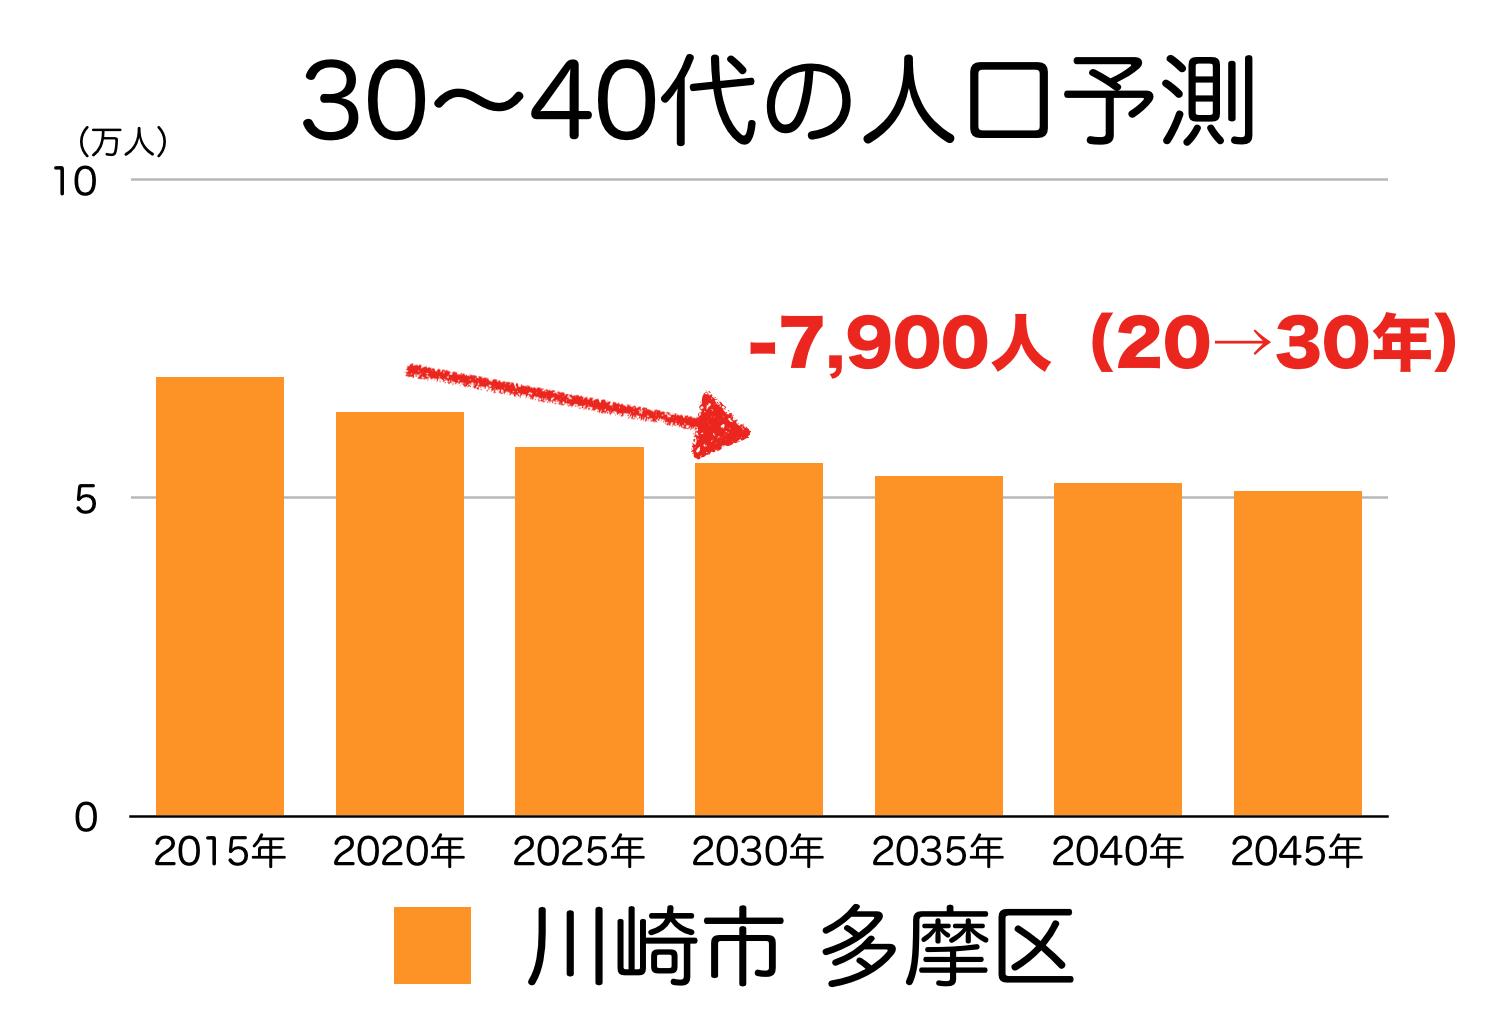 川崎市多摩区の30〜40代人口の予測